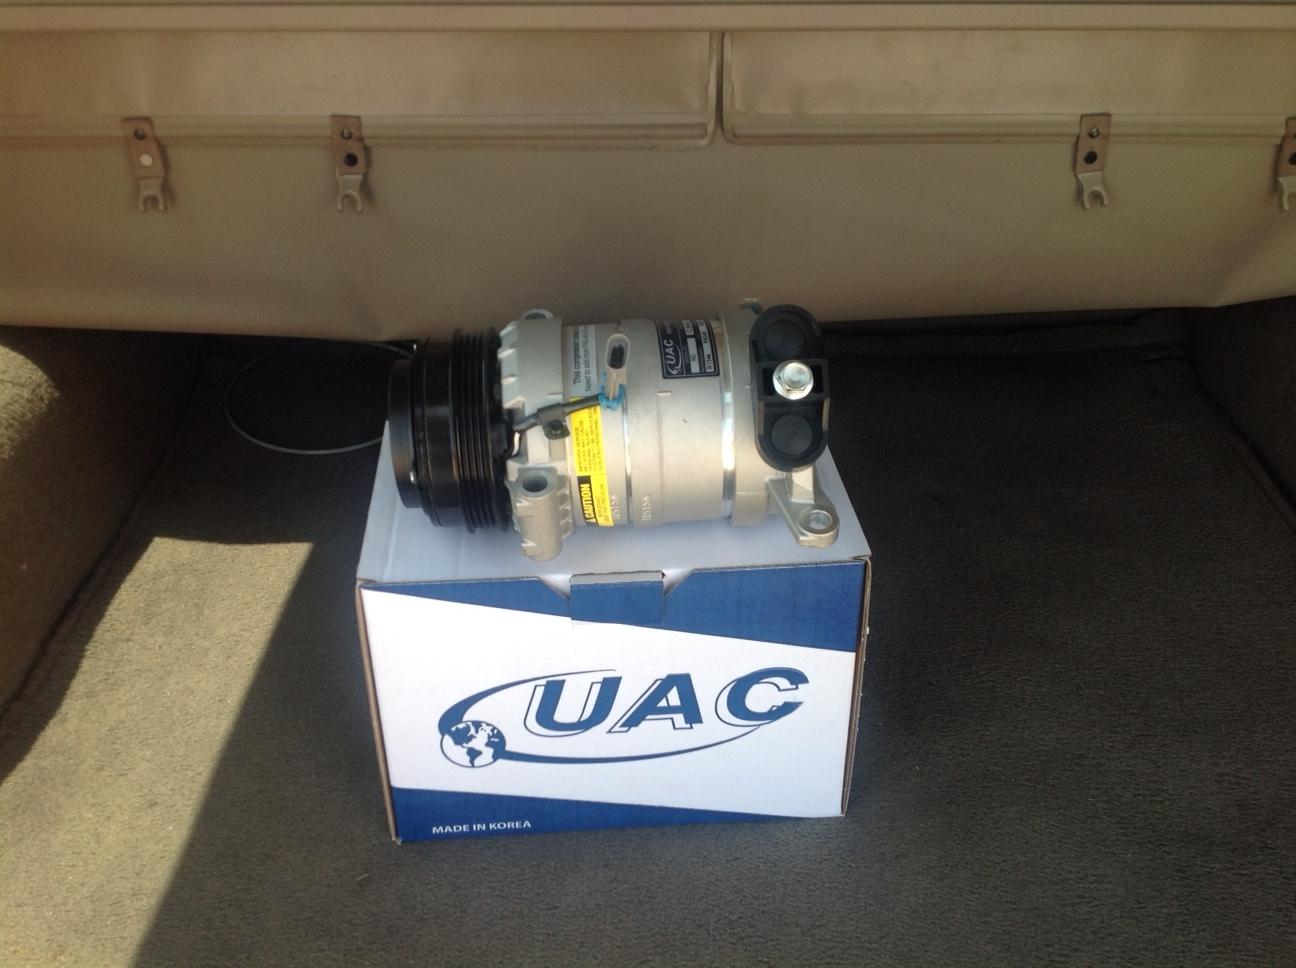 99-02 Chevy Chevrolet Silverado Pickup 4.8 5.3 AC Air Conditioning Compressor